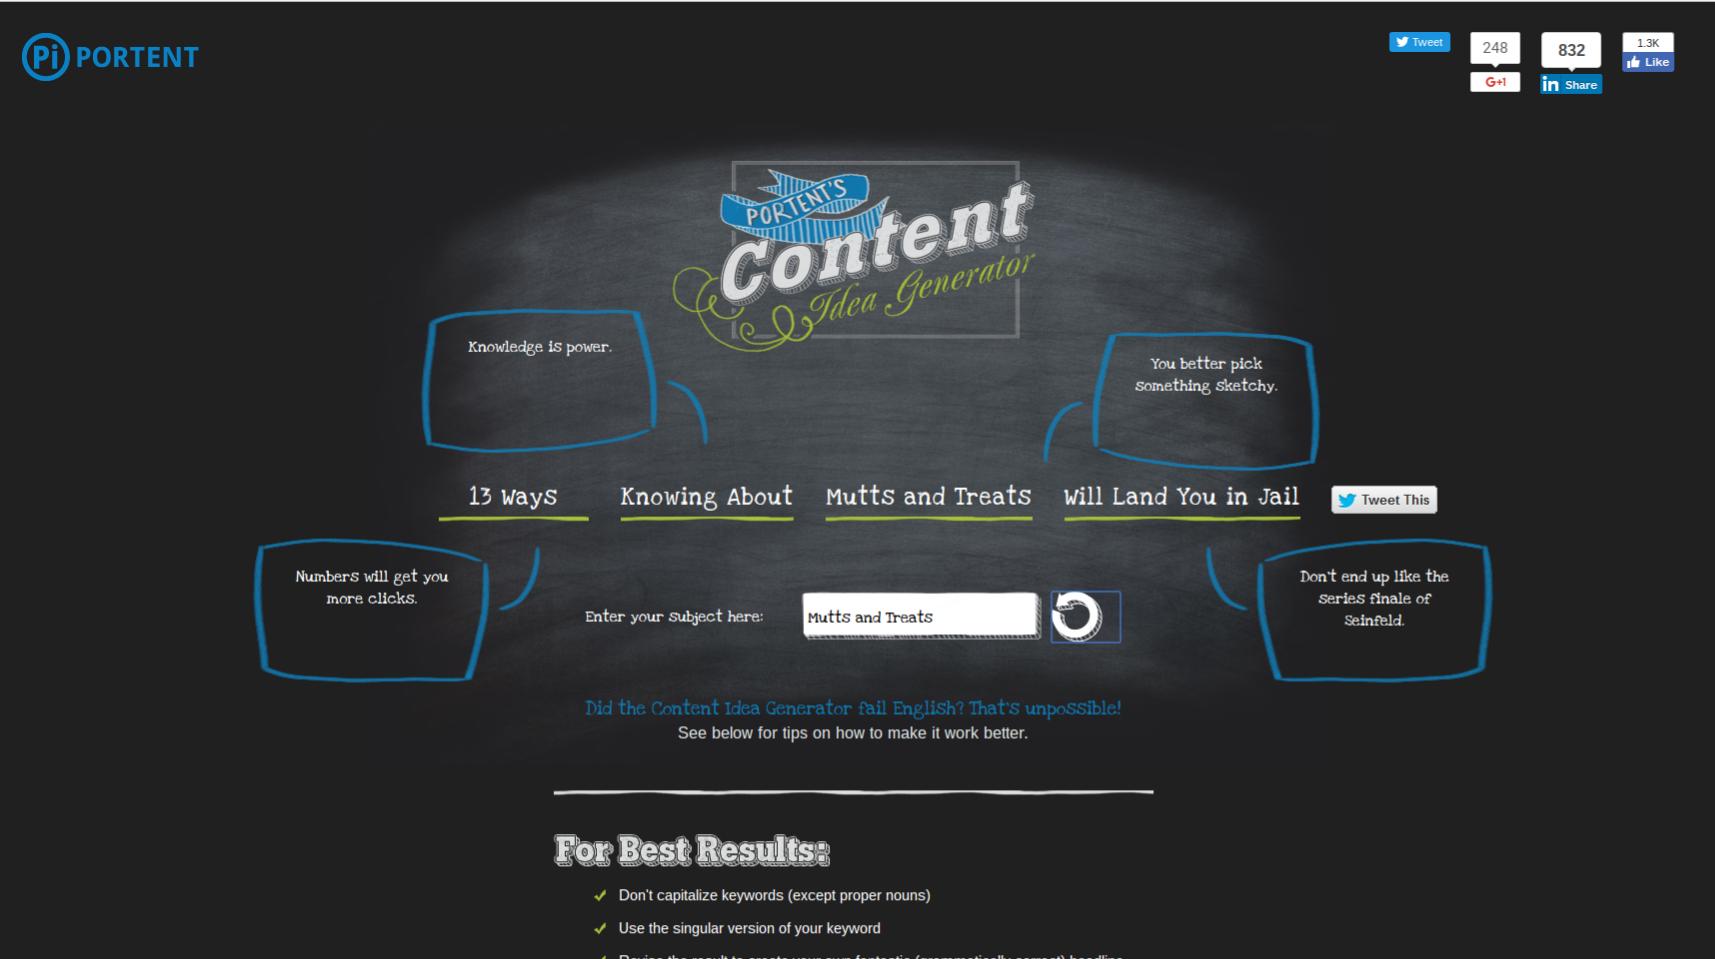 Portent's-content-idea-generator-tool.png